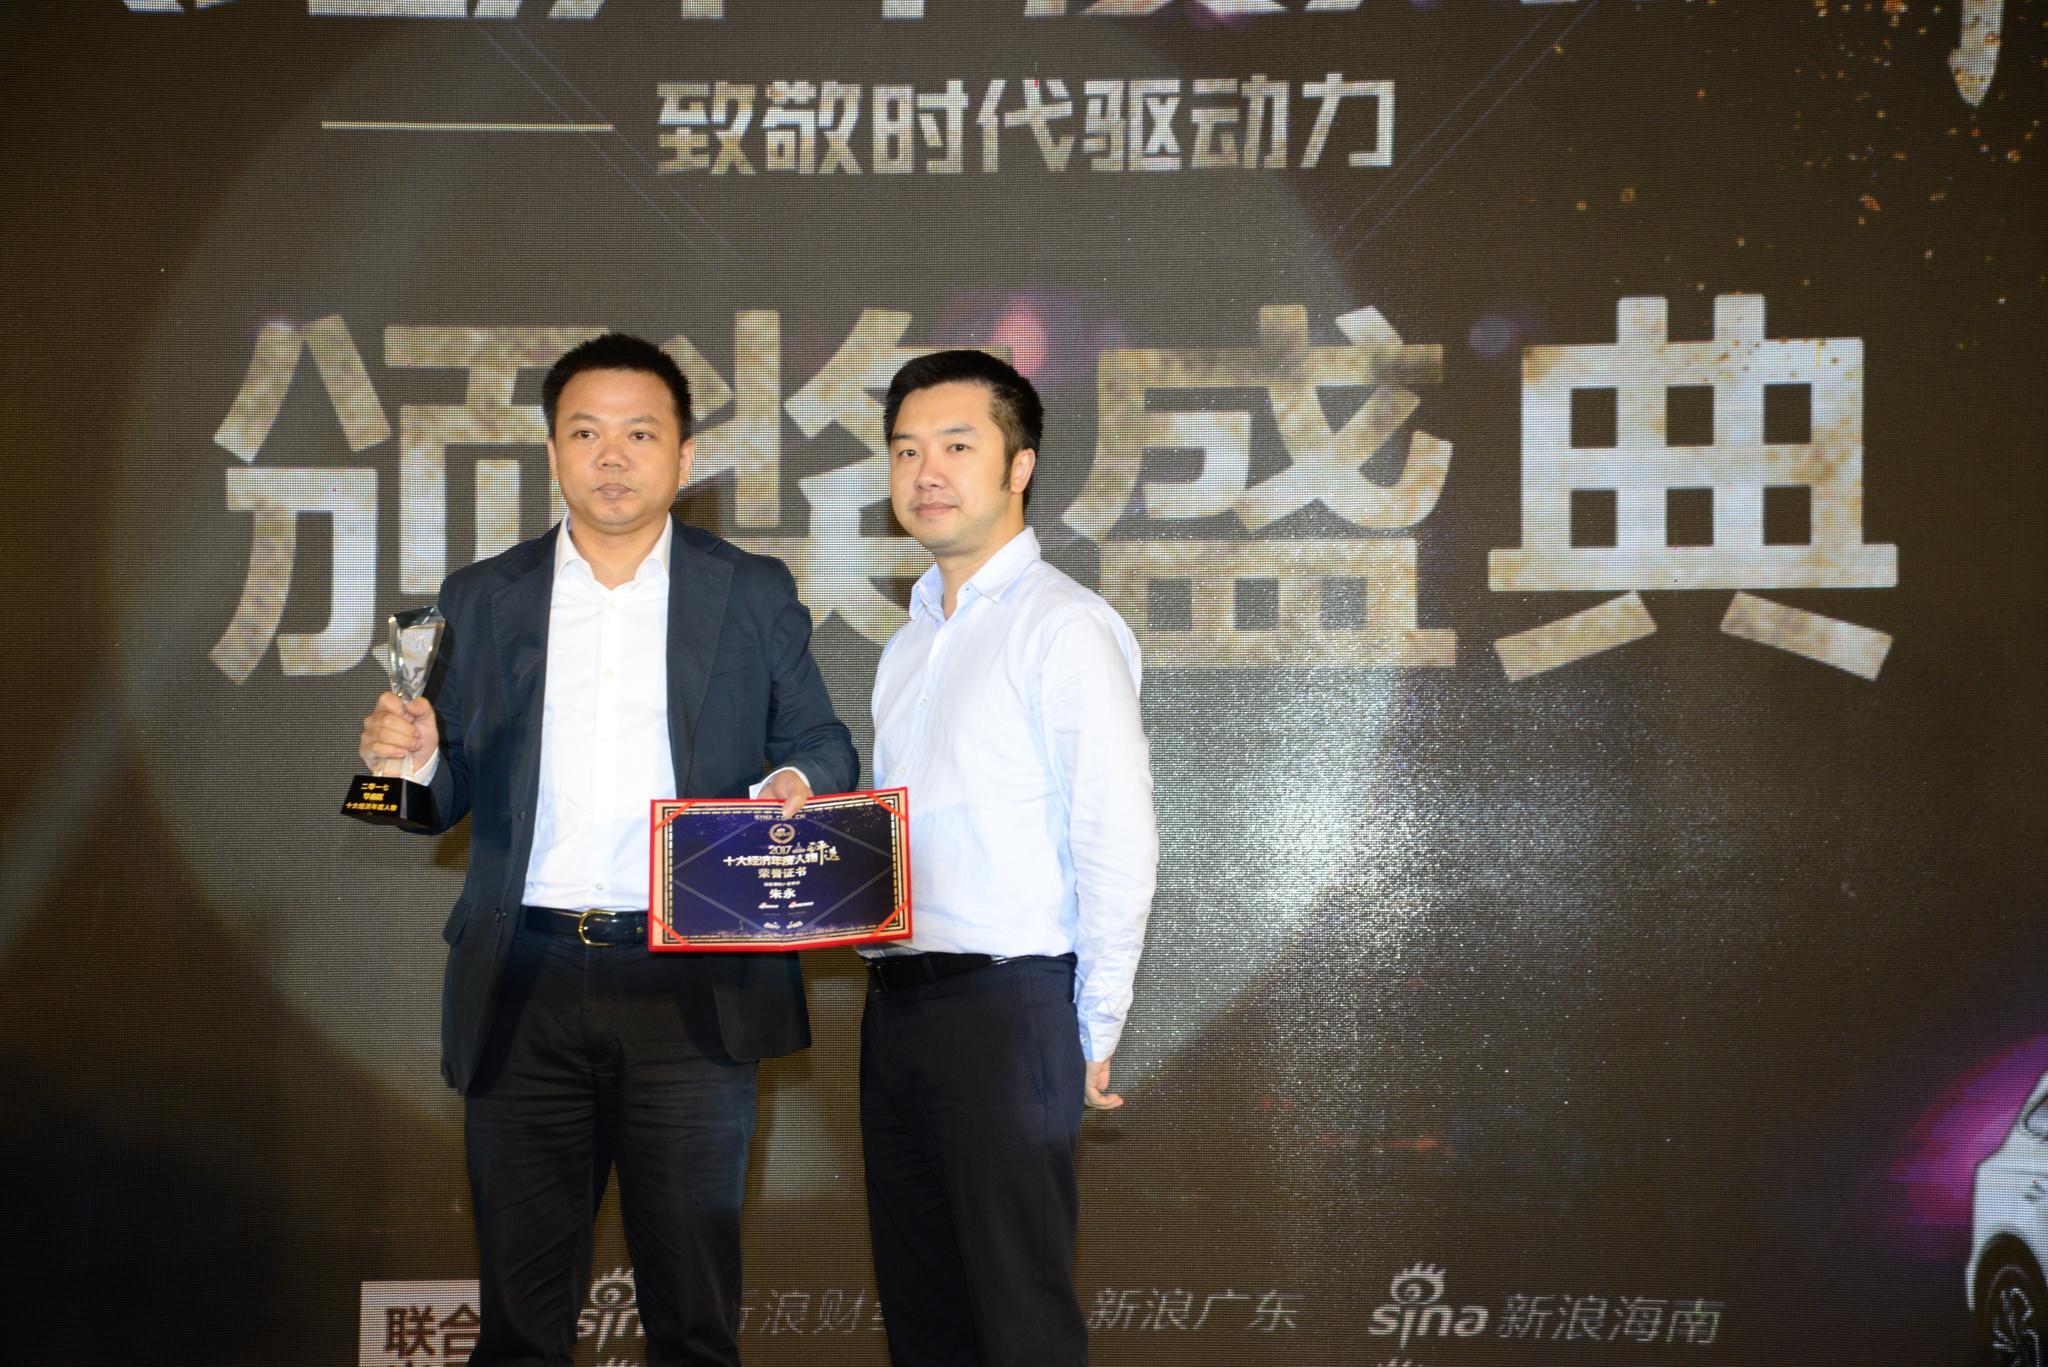 2017年华南区十大经济年度人物朱永获奖